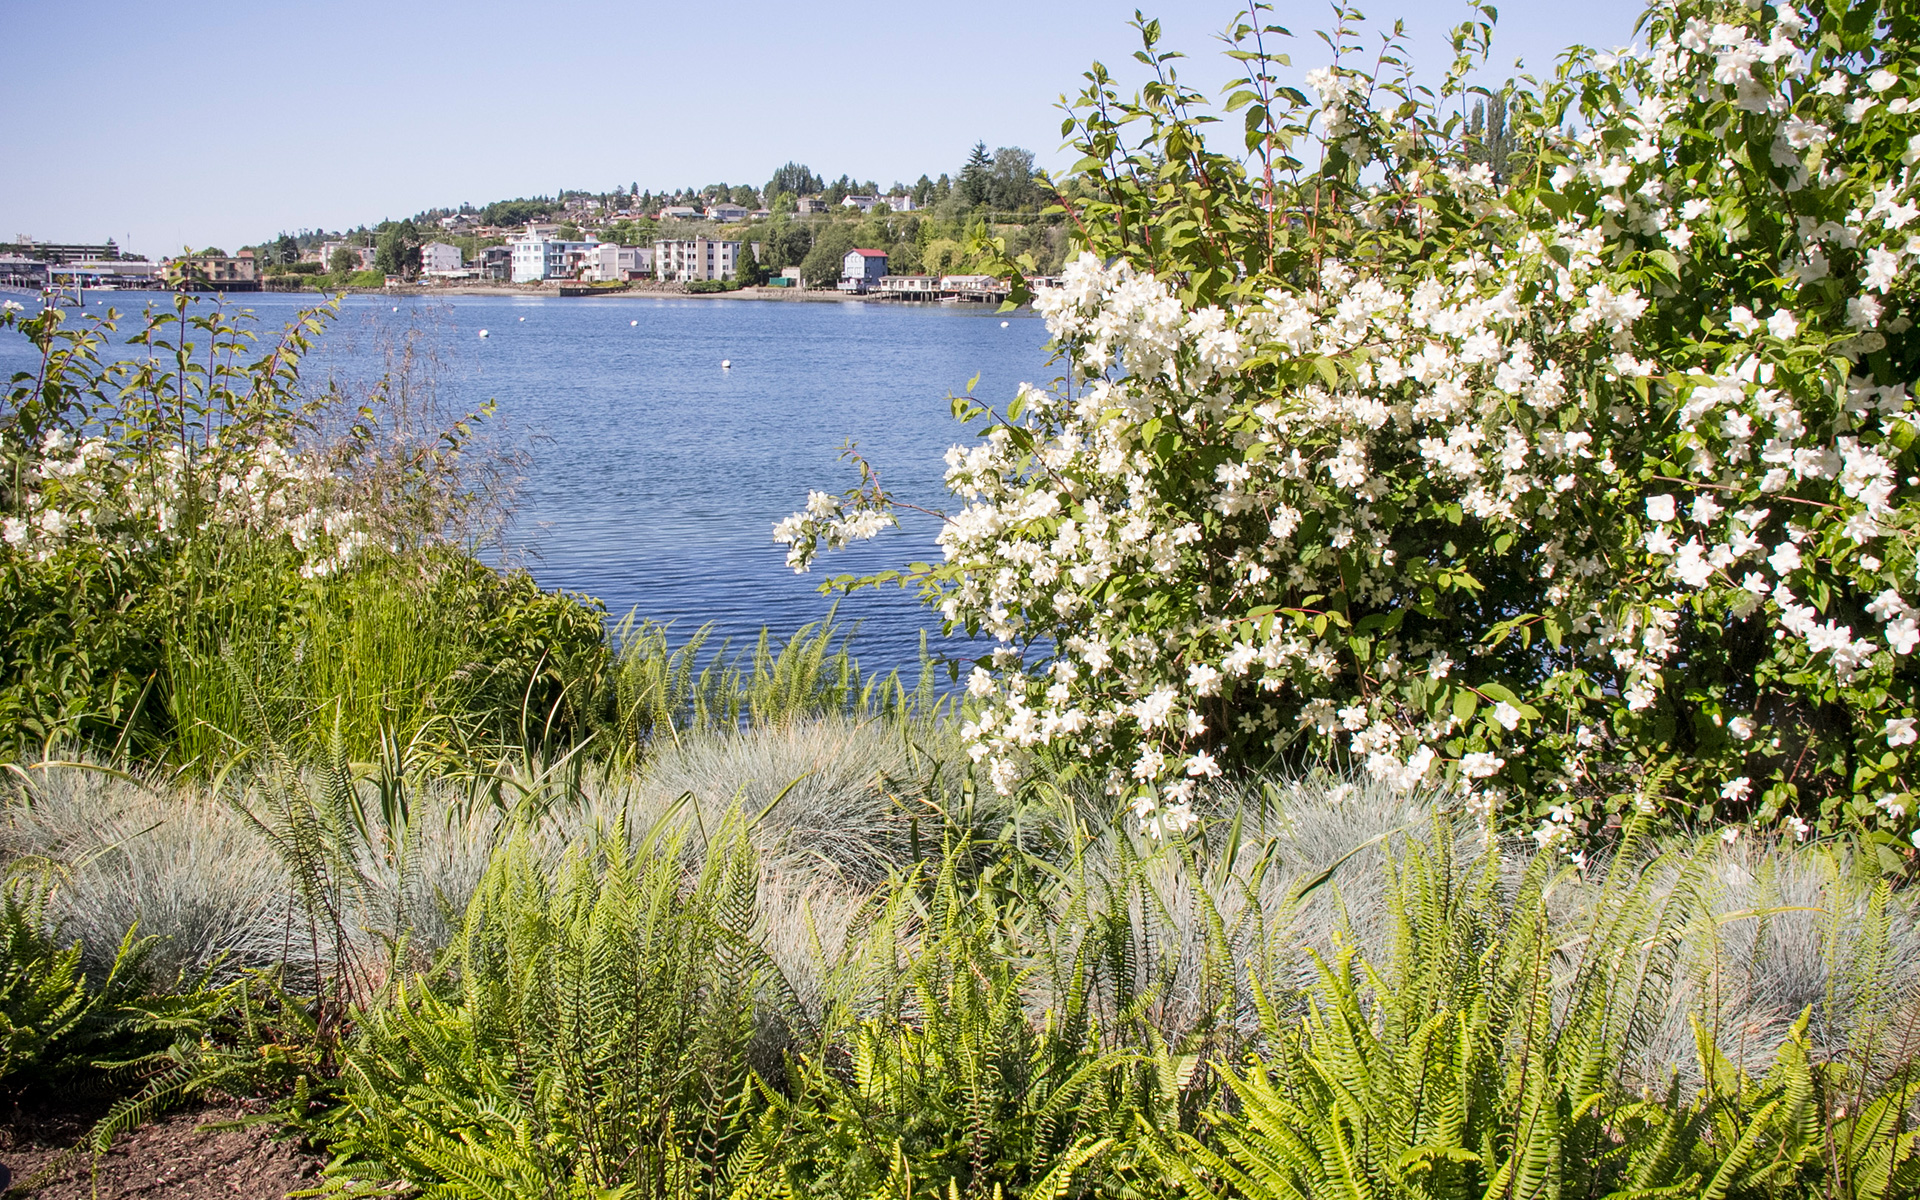 Contemporary lakeside garden